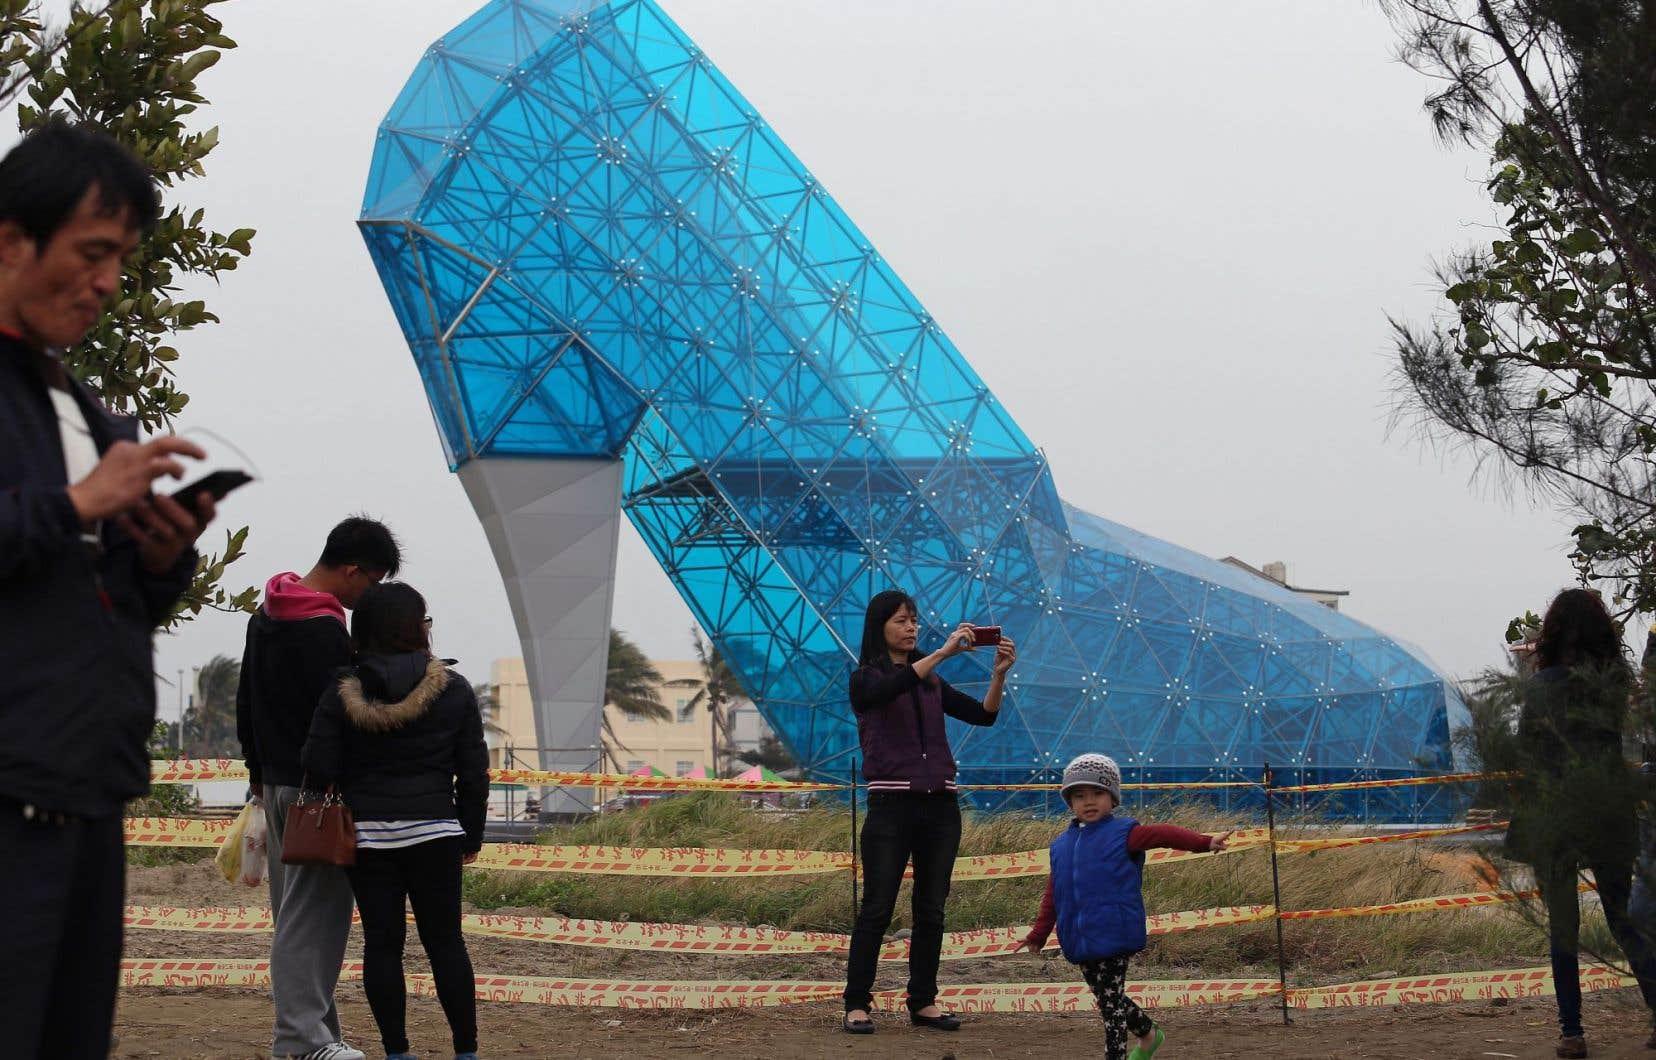 Des touristes devant une église en forme de... soulier, à Chiayi City. La «bâtisse» fait 55 pieds de hauteur sur 36 de largeur. Le public peut voir l'extérieur jusqu'à ce qu'elle soit officiellement ouverte en février2018, avant la Nouvelle Année lunaire.